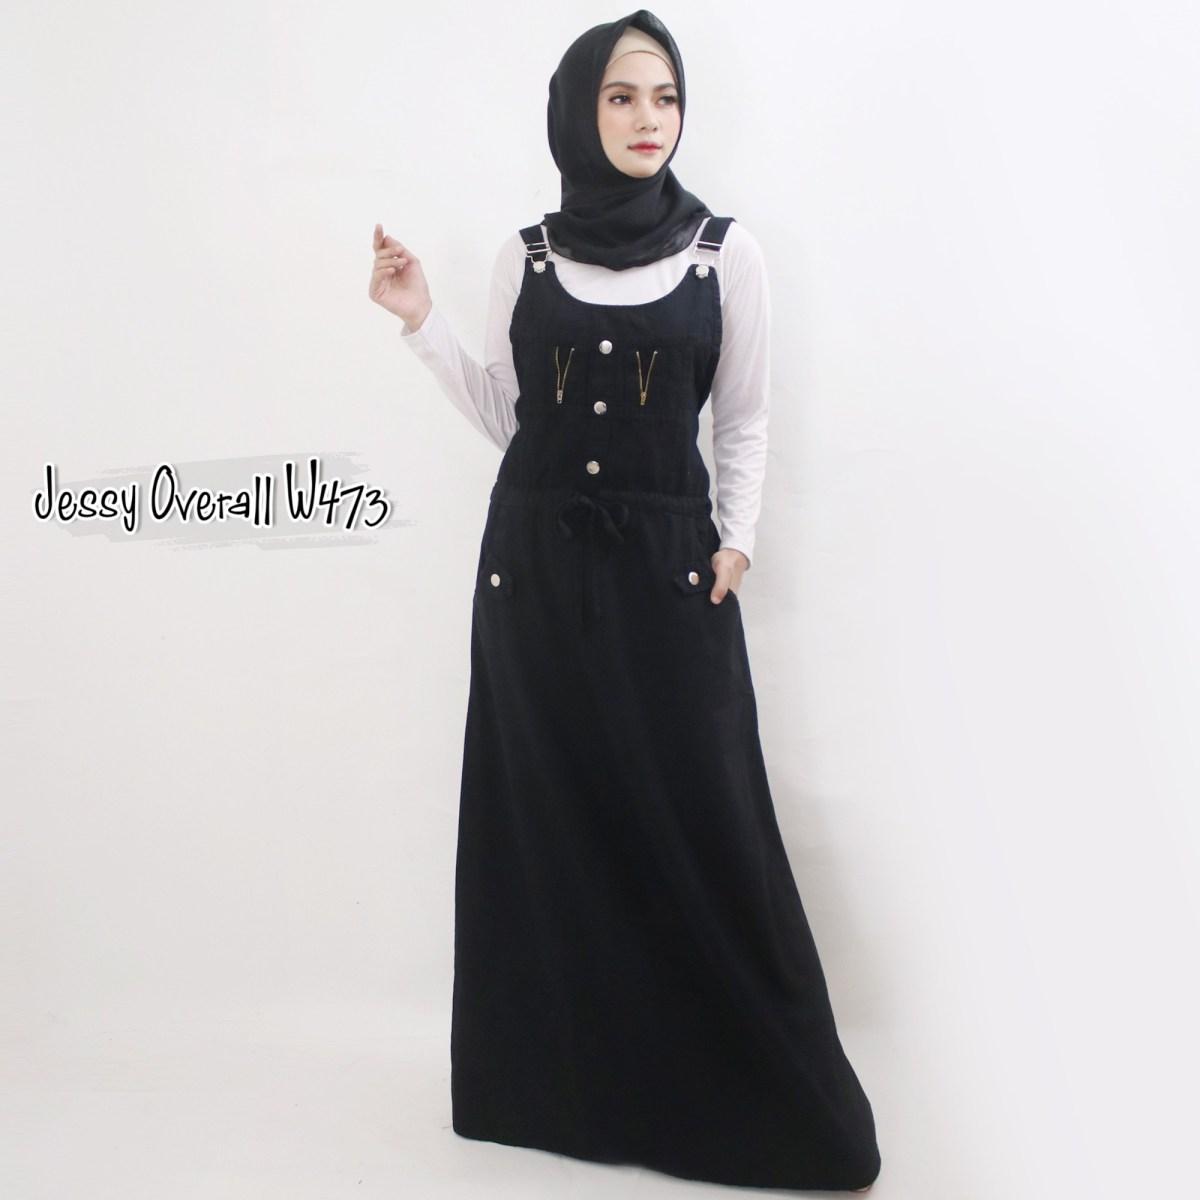 jessy overall w473 baju hijab style ootd